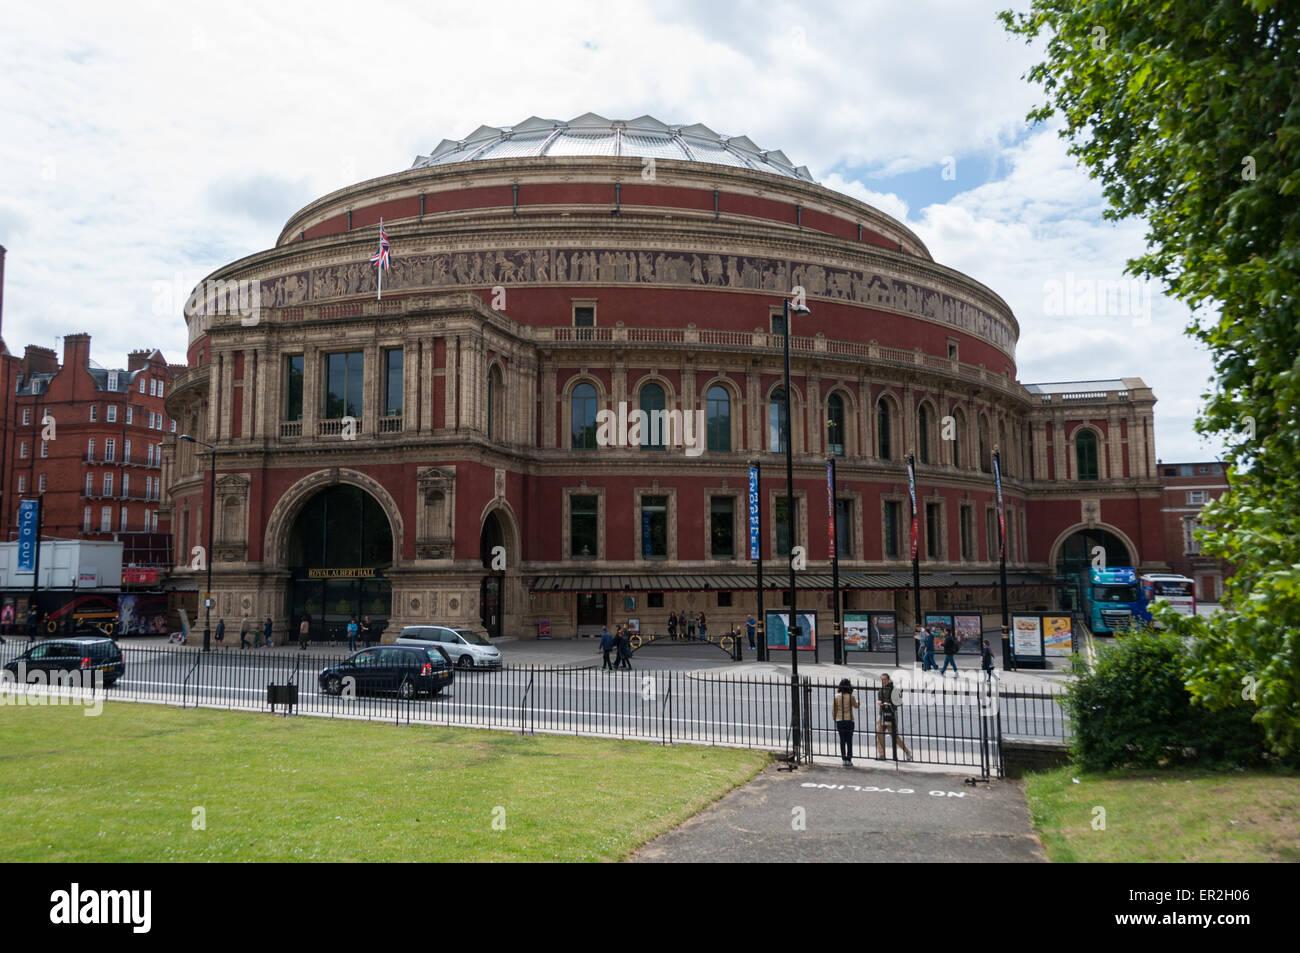 The Royal Albert Hall, London, England - Stock Image